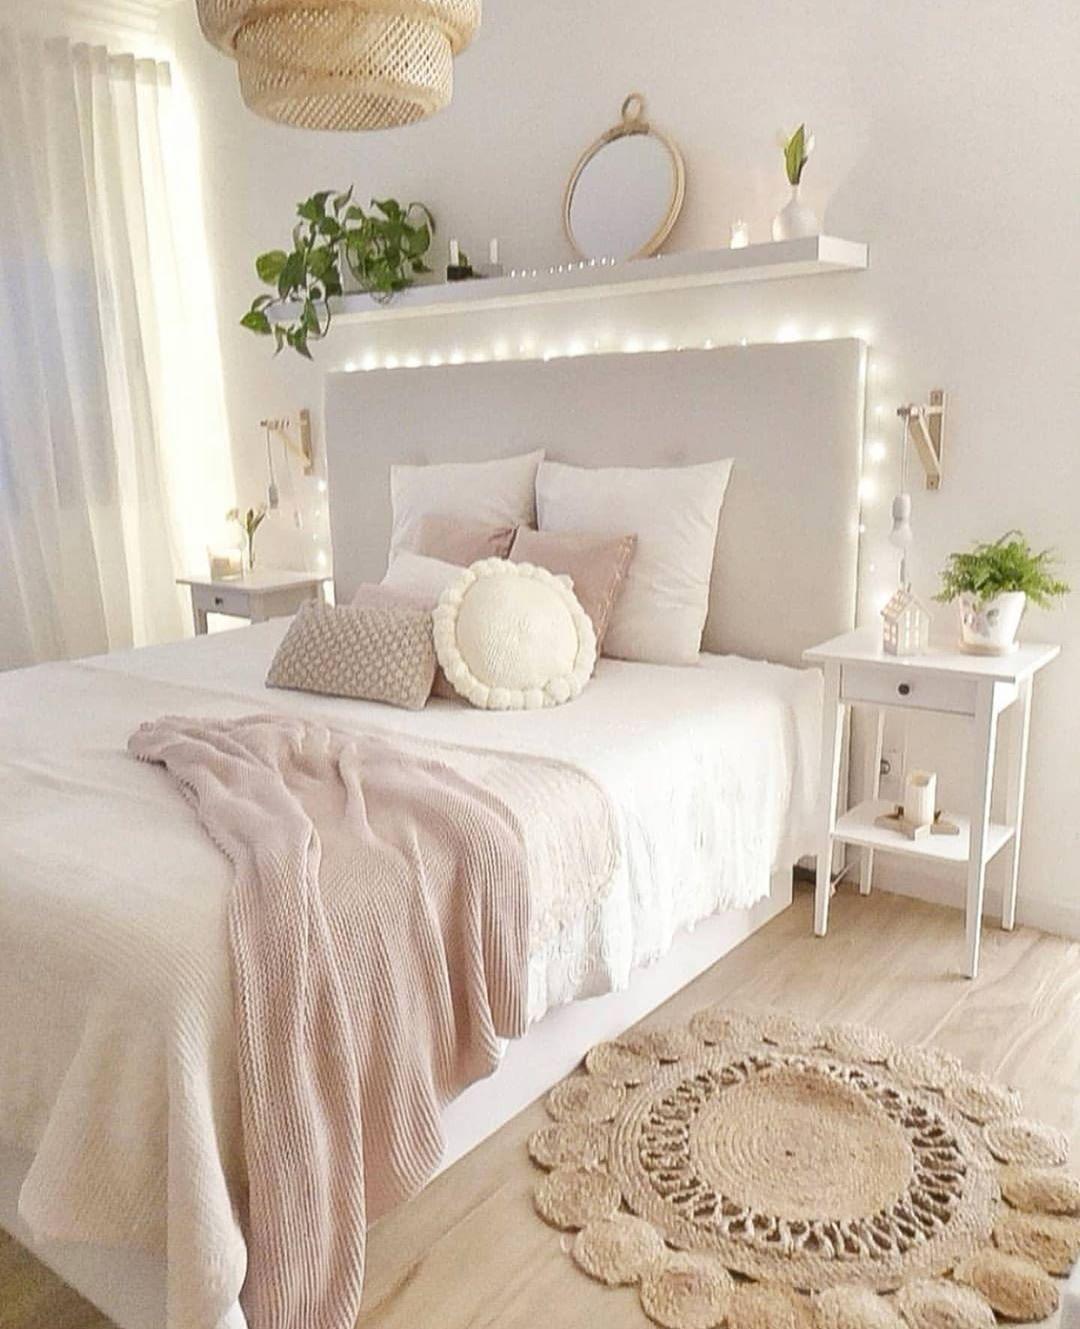 Eine hochwertige Wohnung zieht hochwertige Mieter an Guter Loca Deal #roominspo